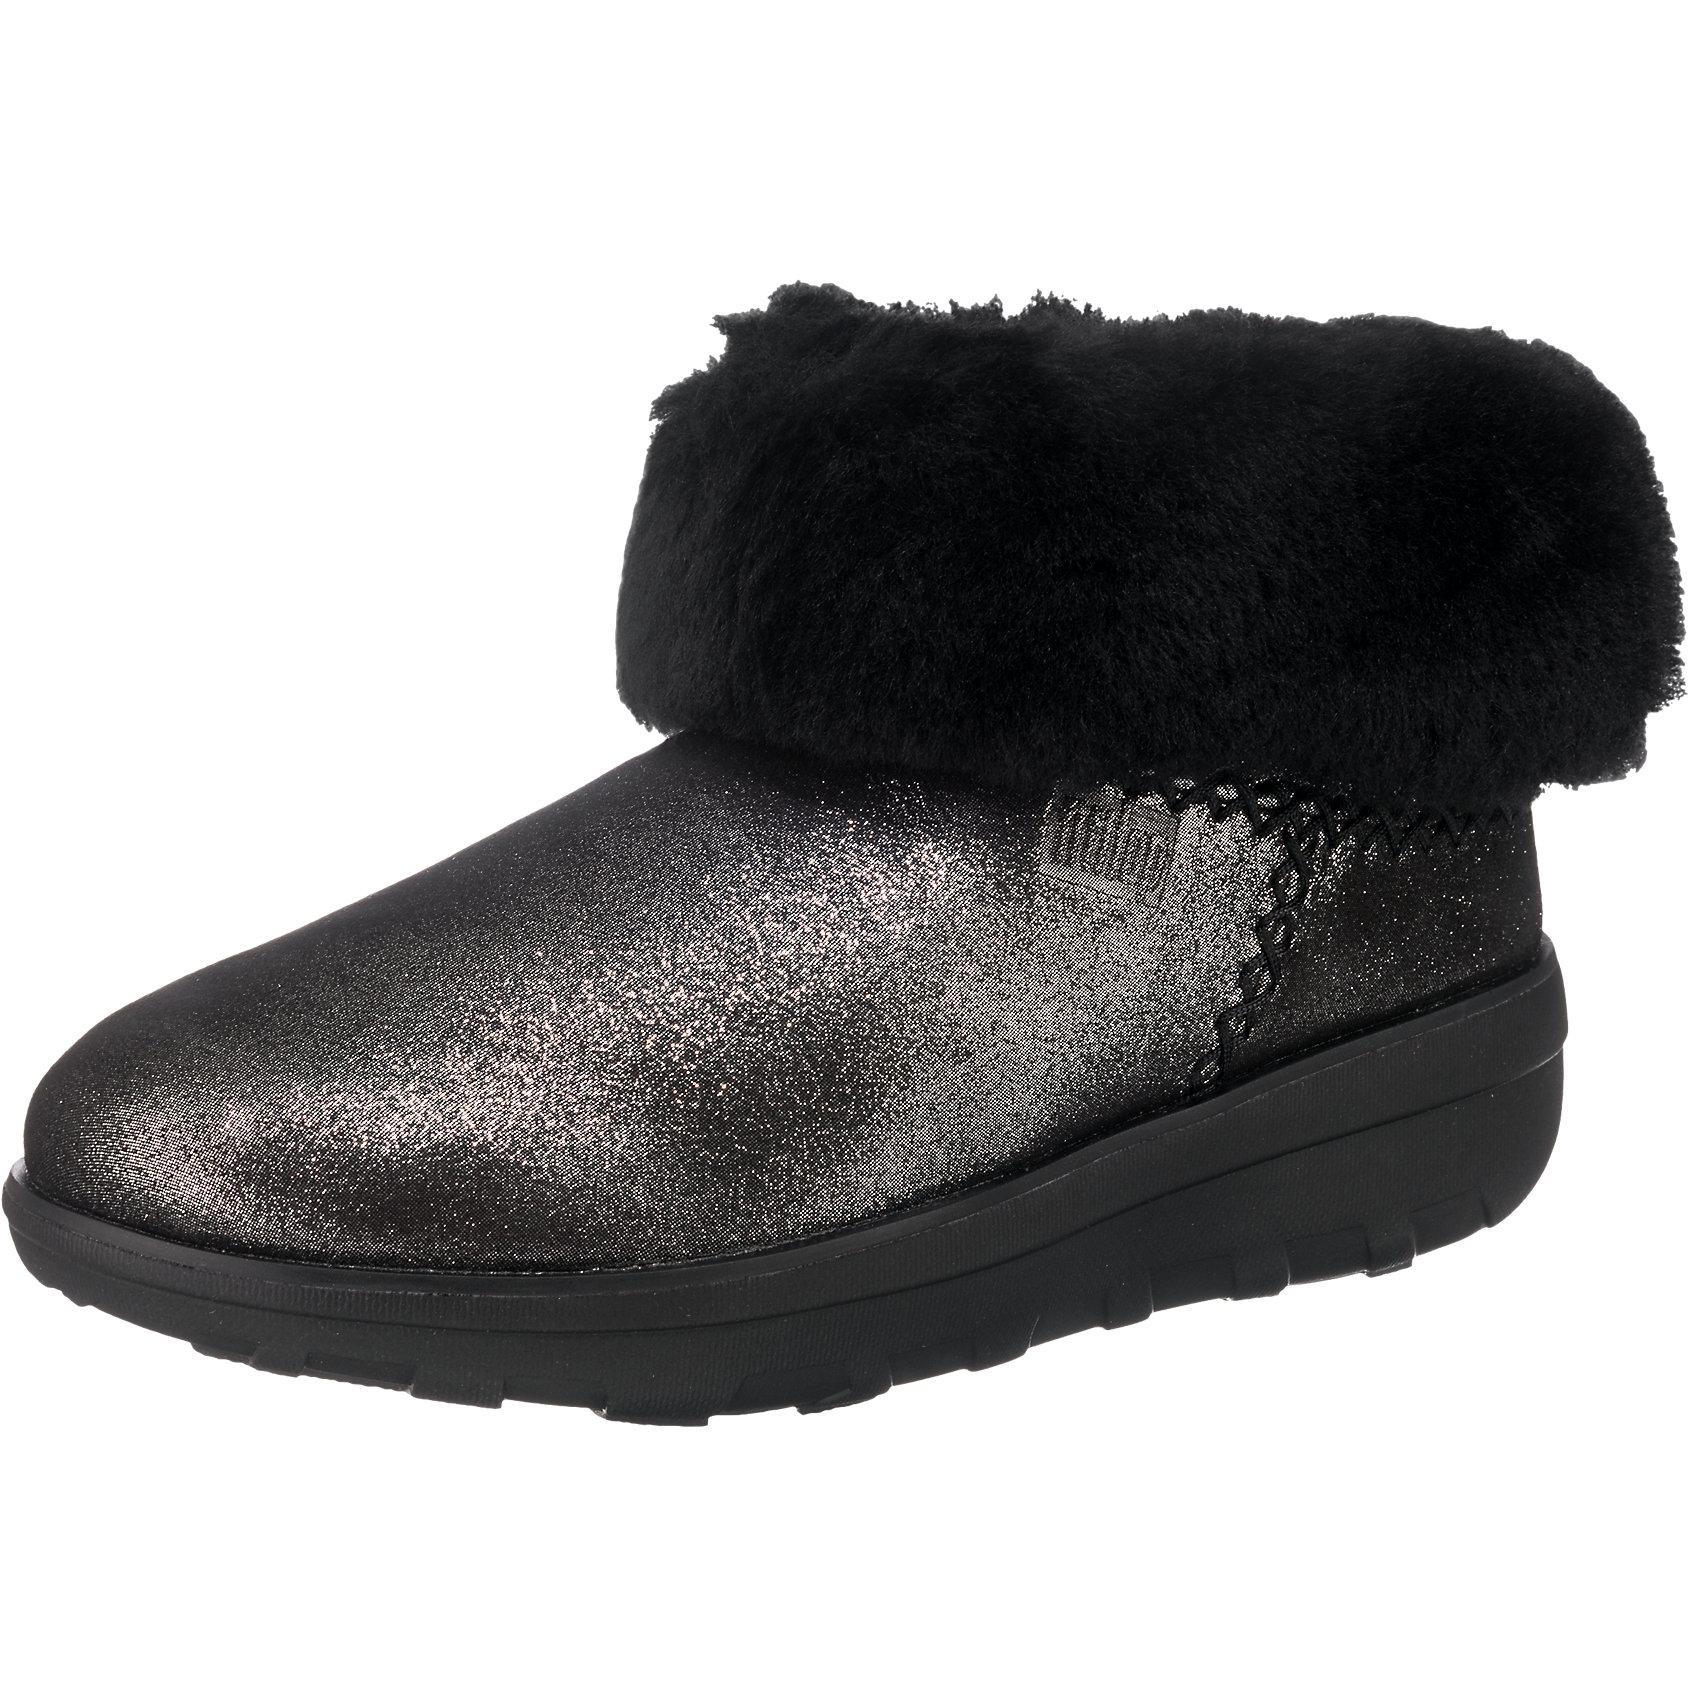 Details zu Neu FitFlop Mukluk Shorty 2 Stiefeletten 7002059 für Damen schwarz